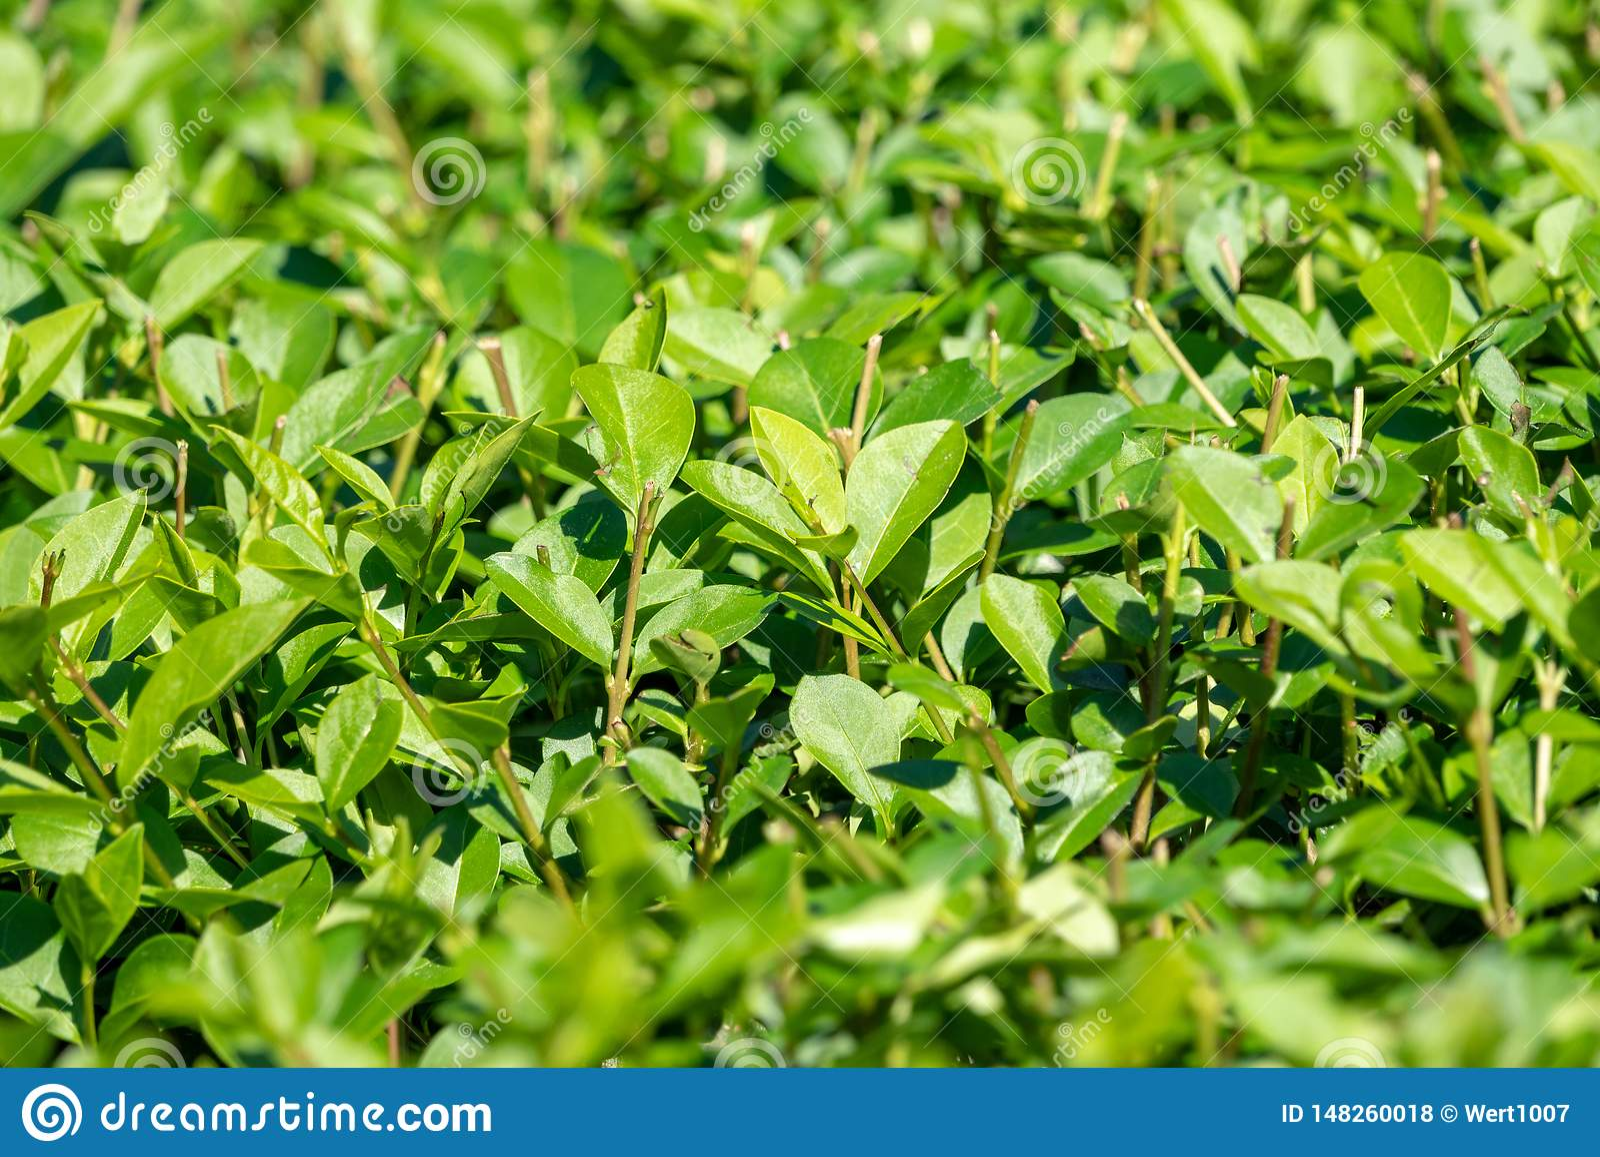 Πράσινοι θάμνοι με τους τακτοποιημένους κλάδους και τα νέα φύλλα